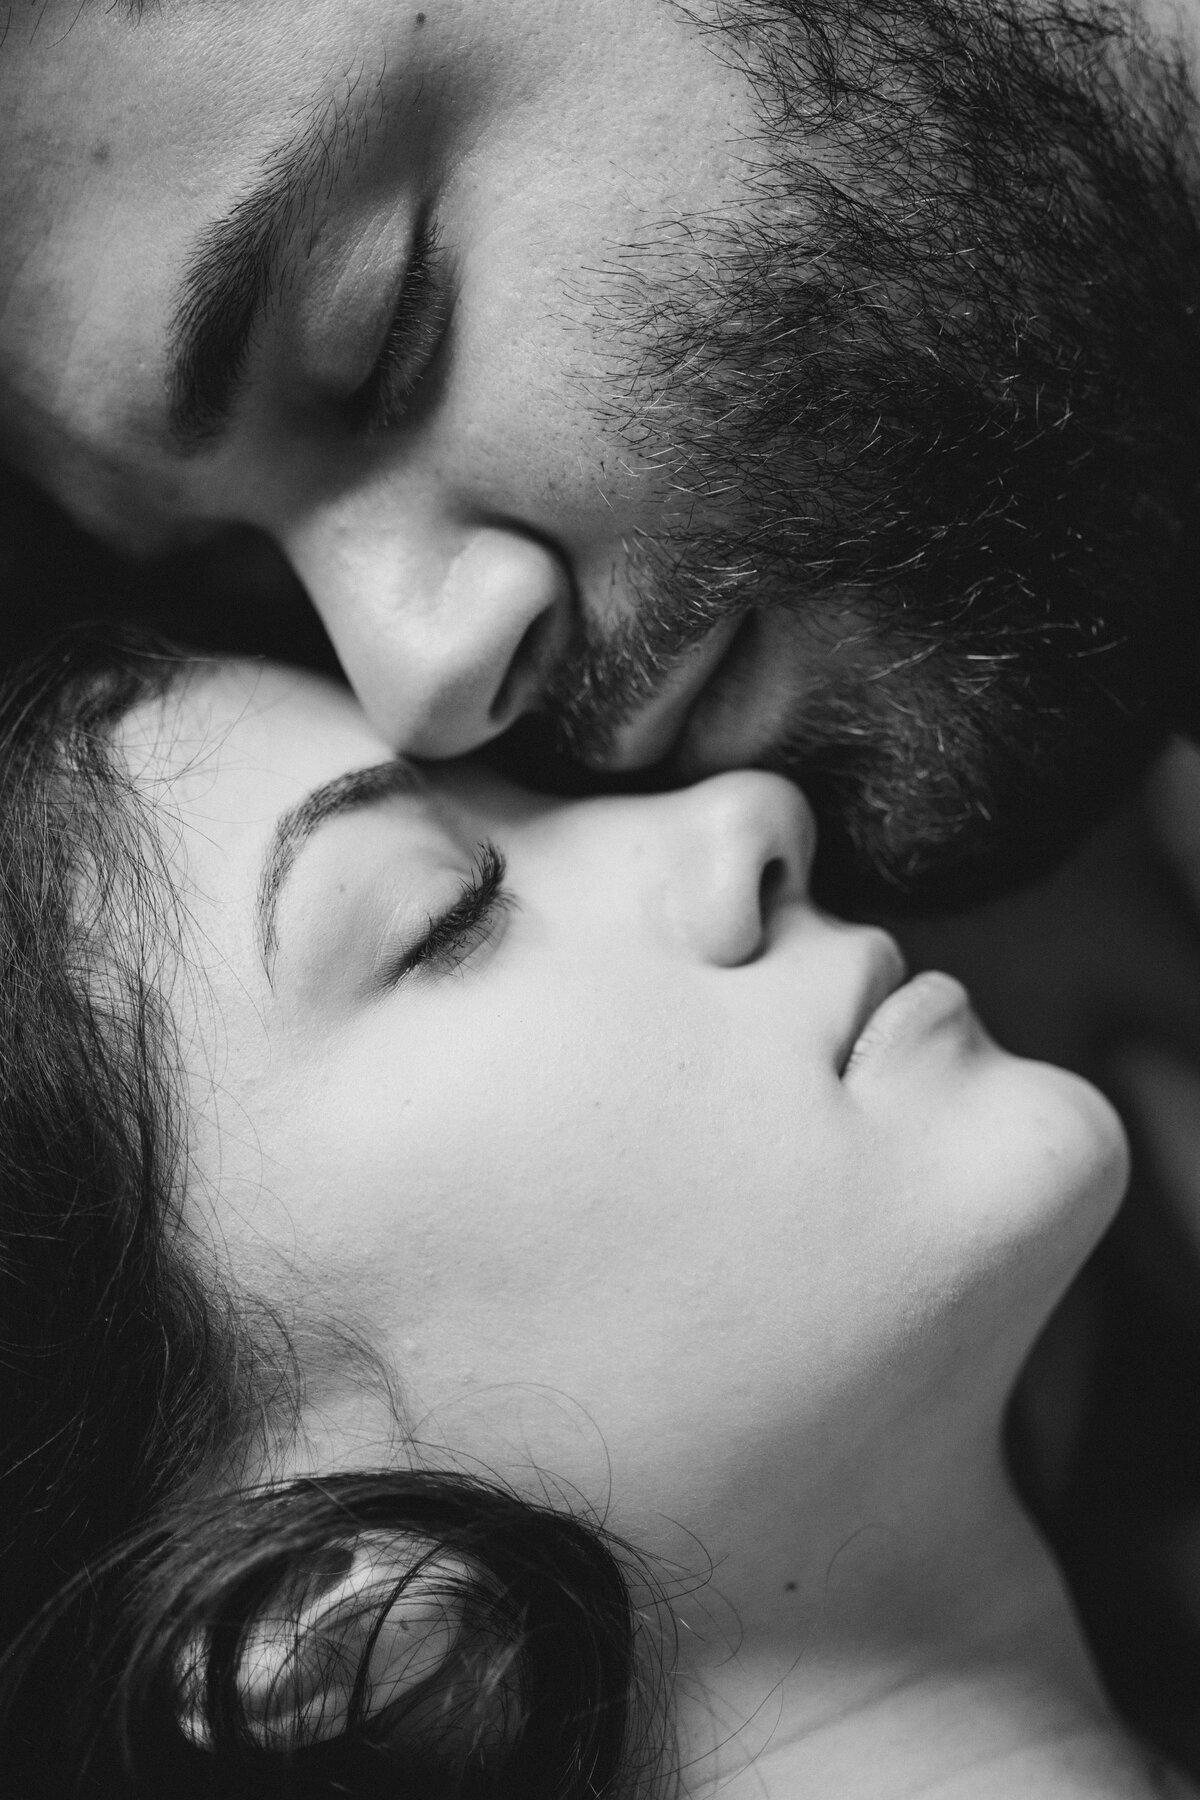 Влюбленные пары страсть картинки